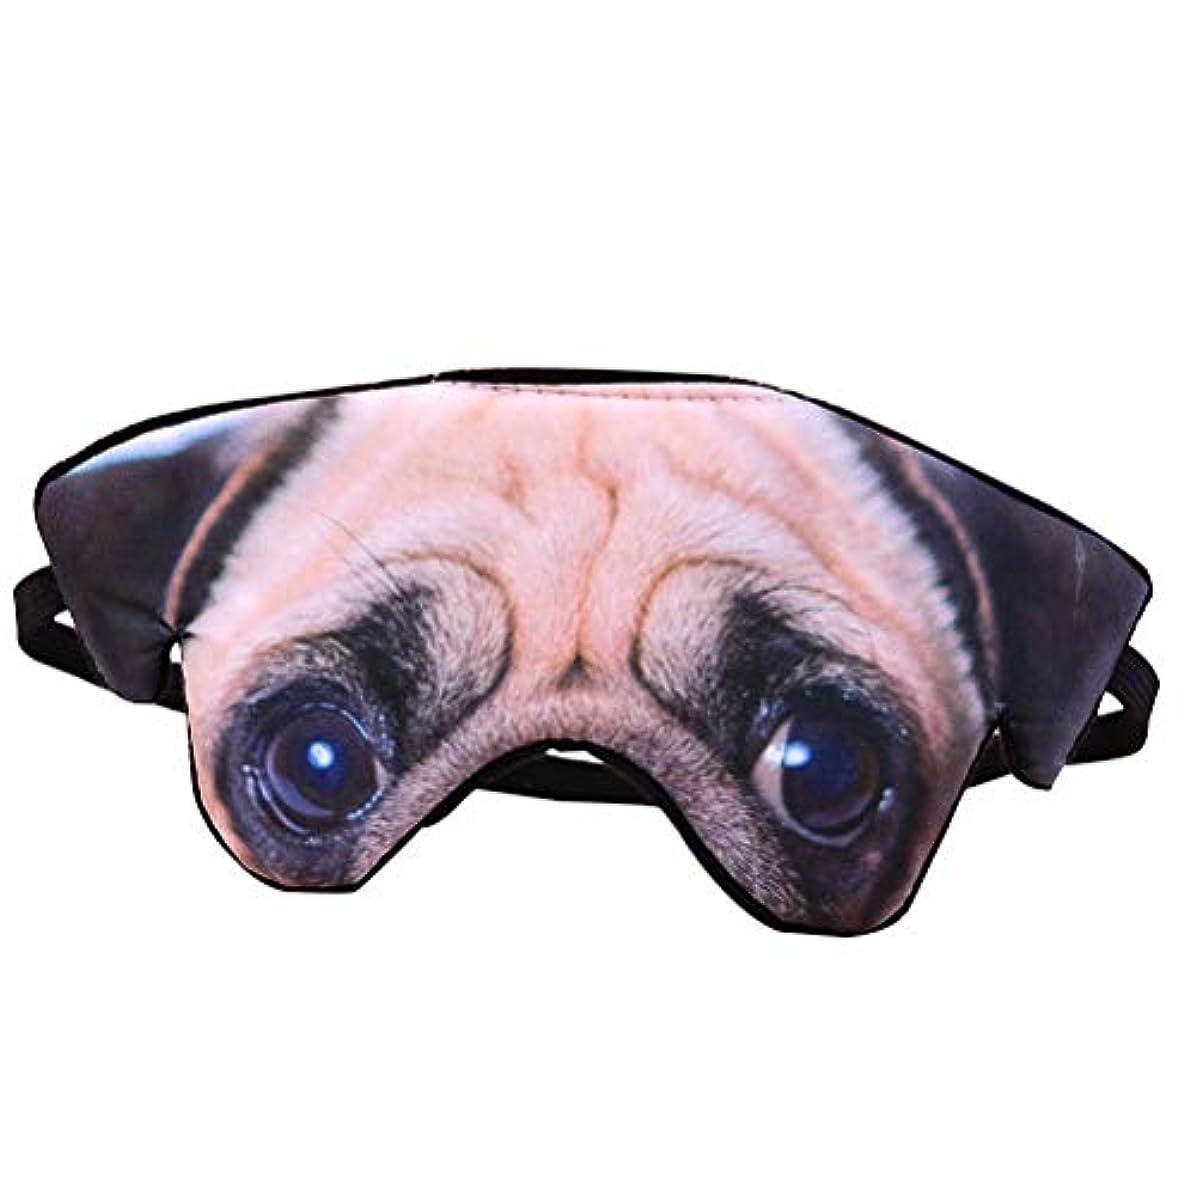 証書安全性反対するSUPVOX かわいい睡眠マスク目の睡眠マスクの子供のアイマスクパグのパターン(パグ)